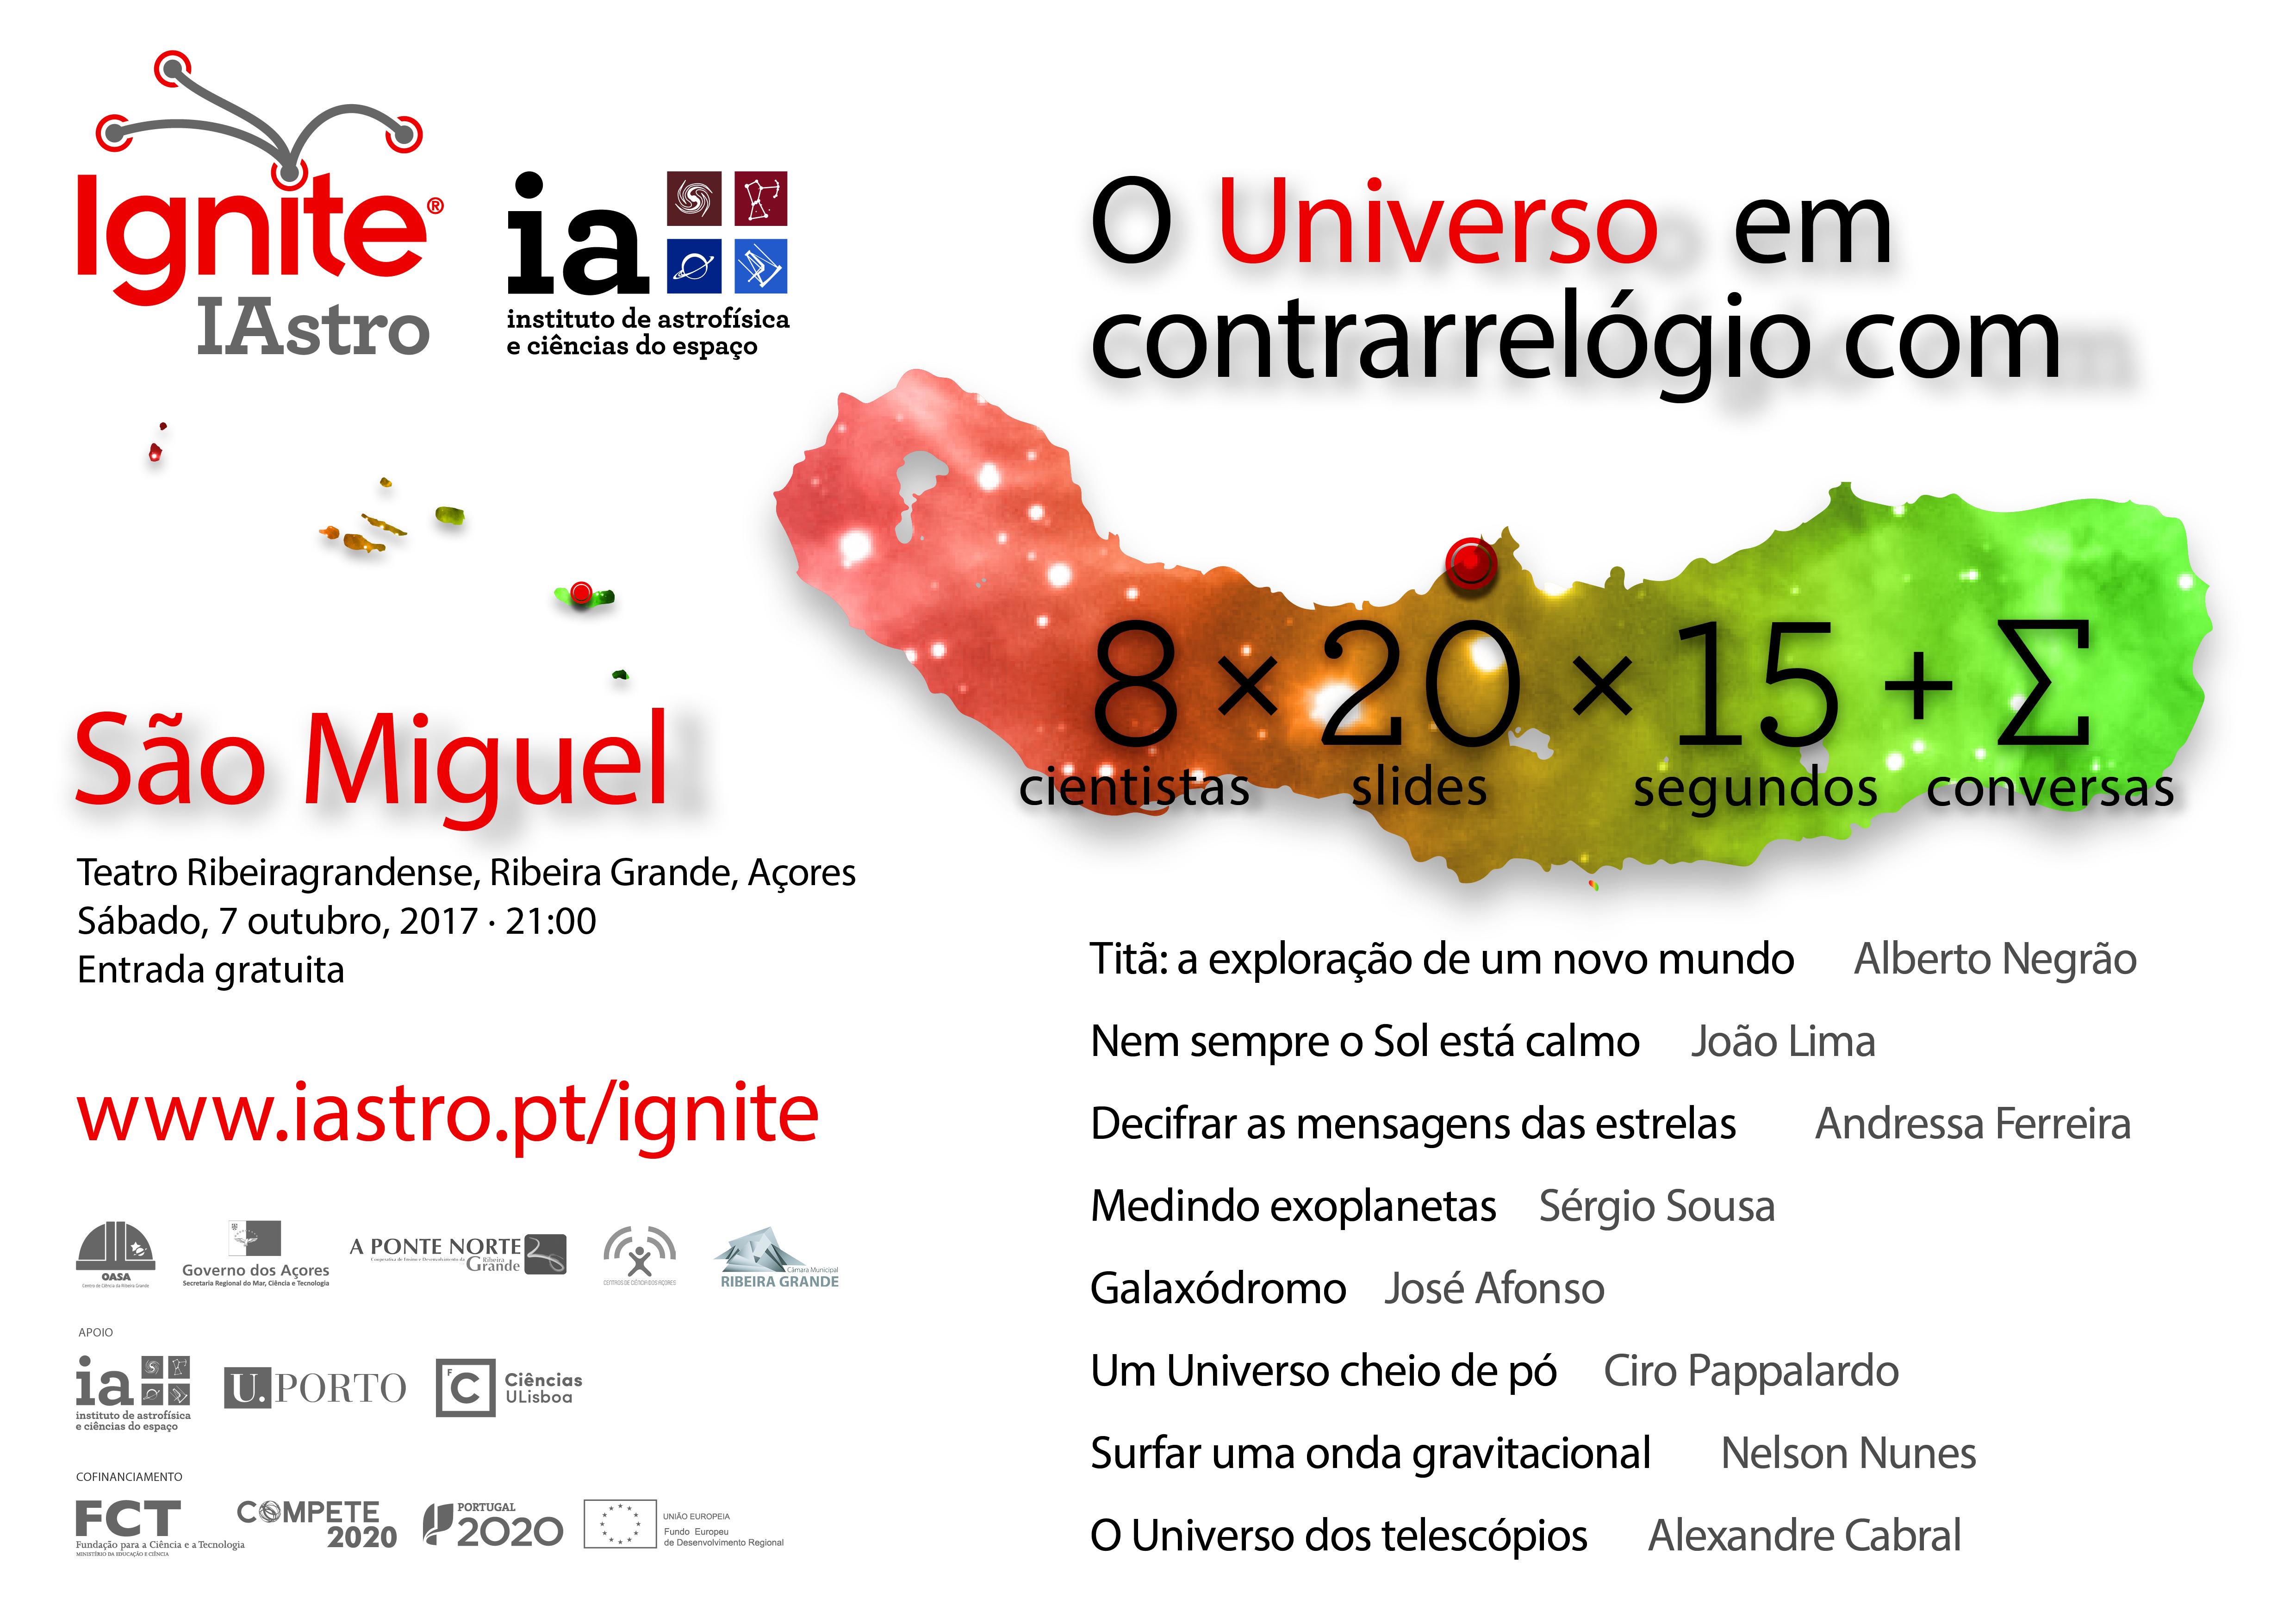 Ignite IAstro Açores | 7 de Outubro | Teatro Ribeiragrandense